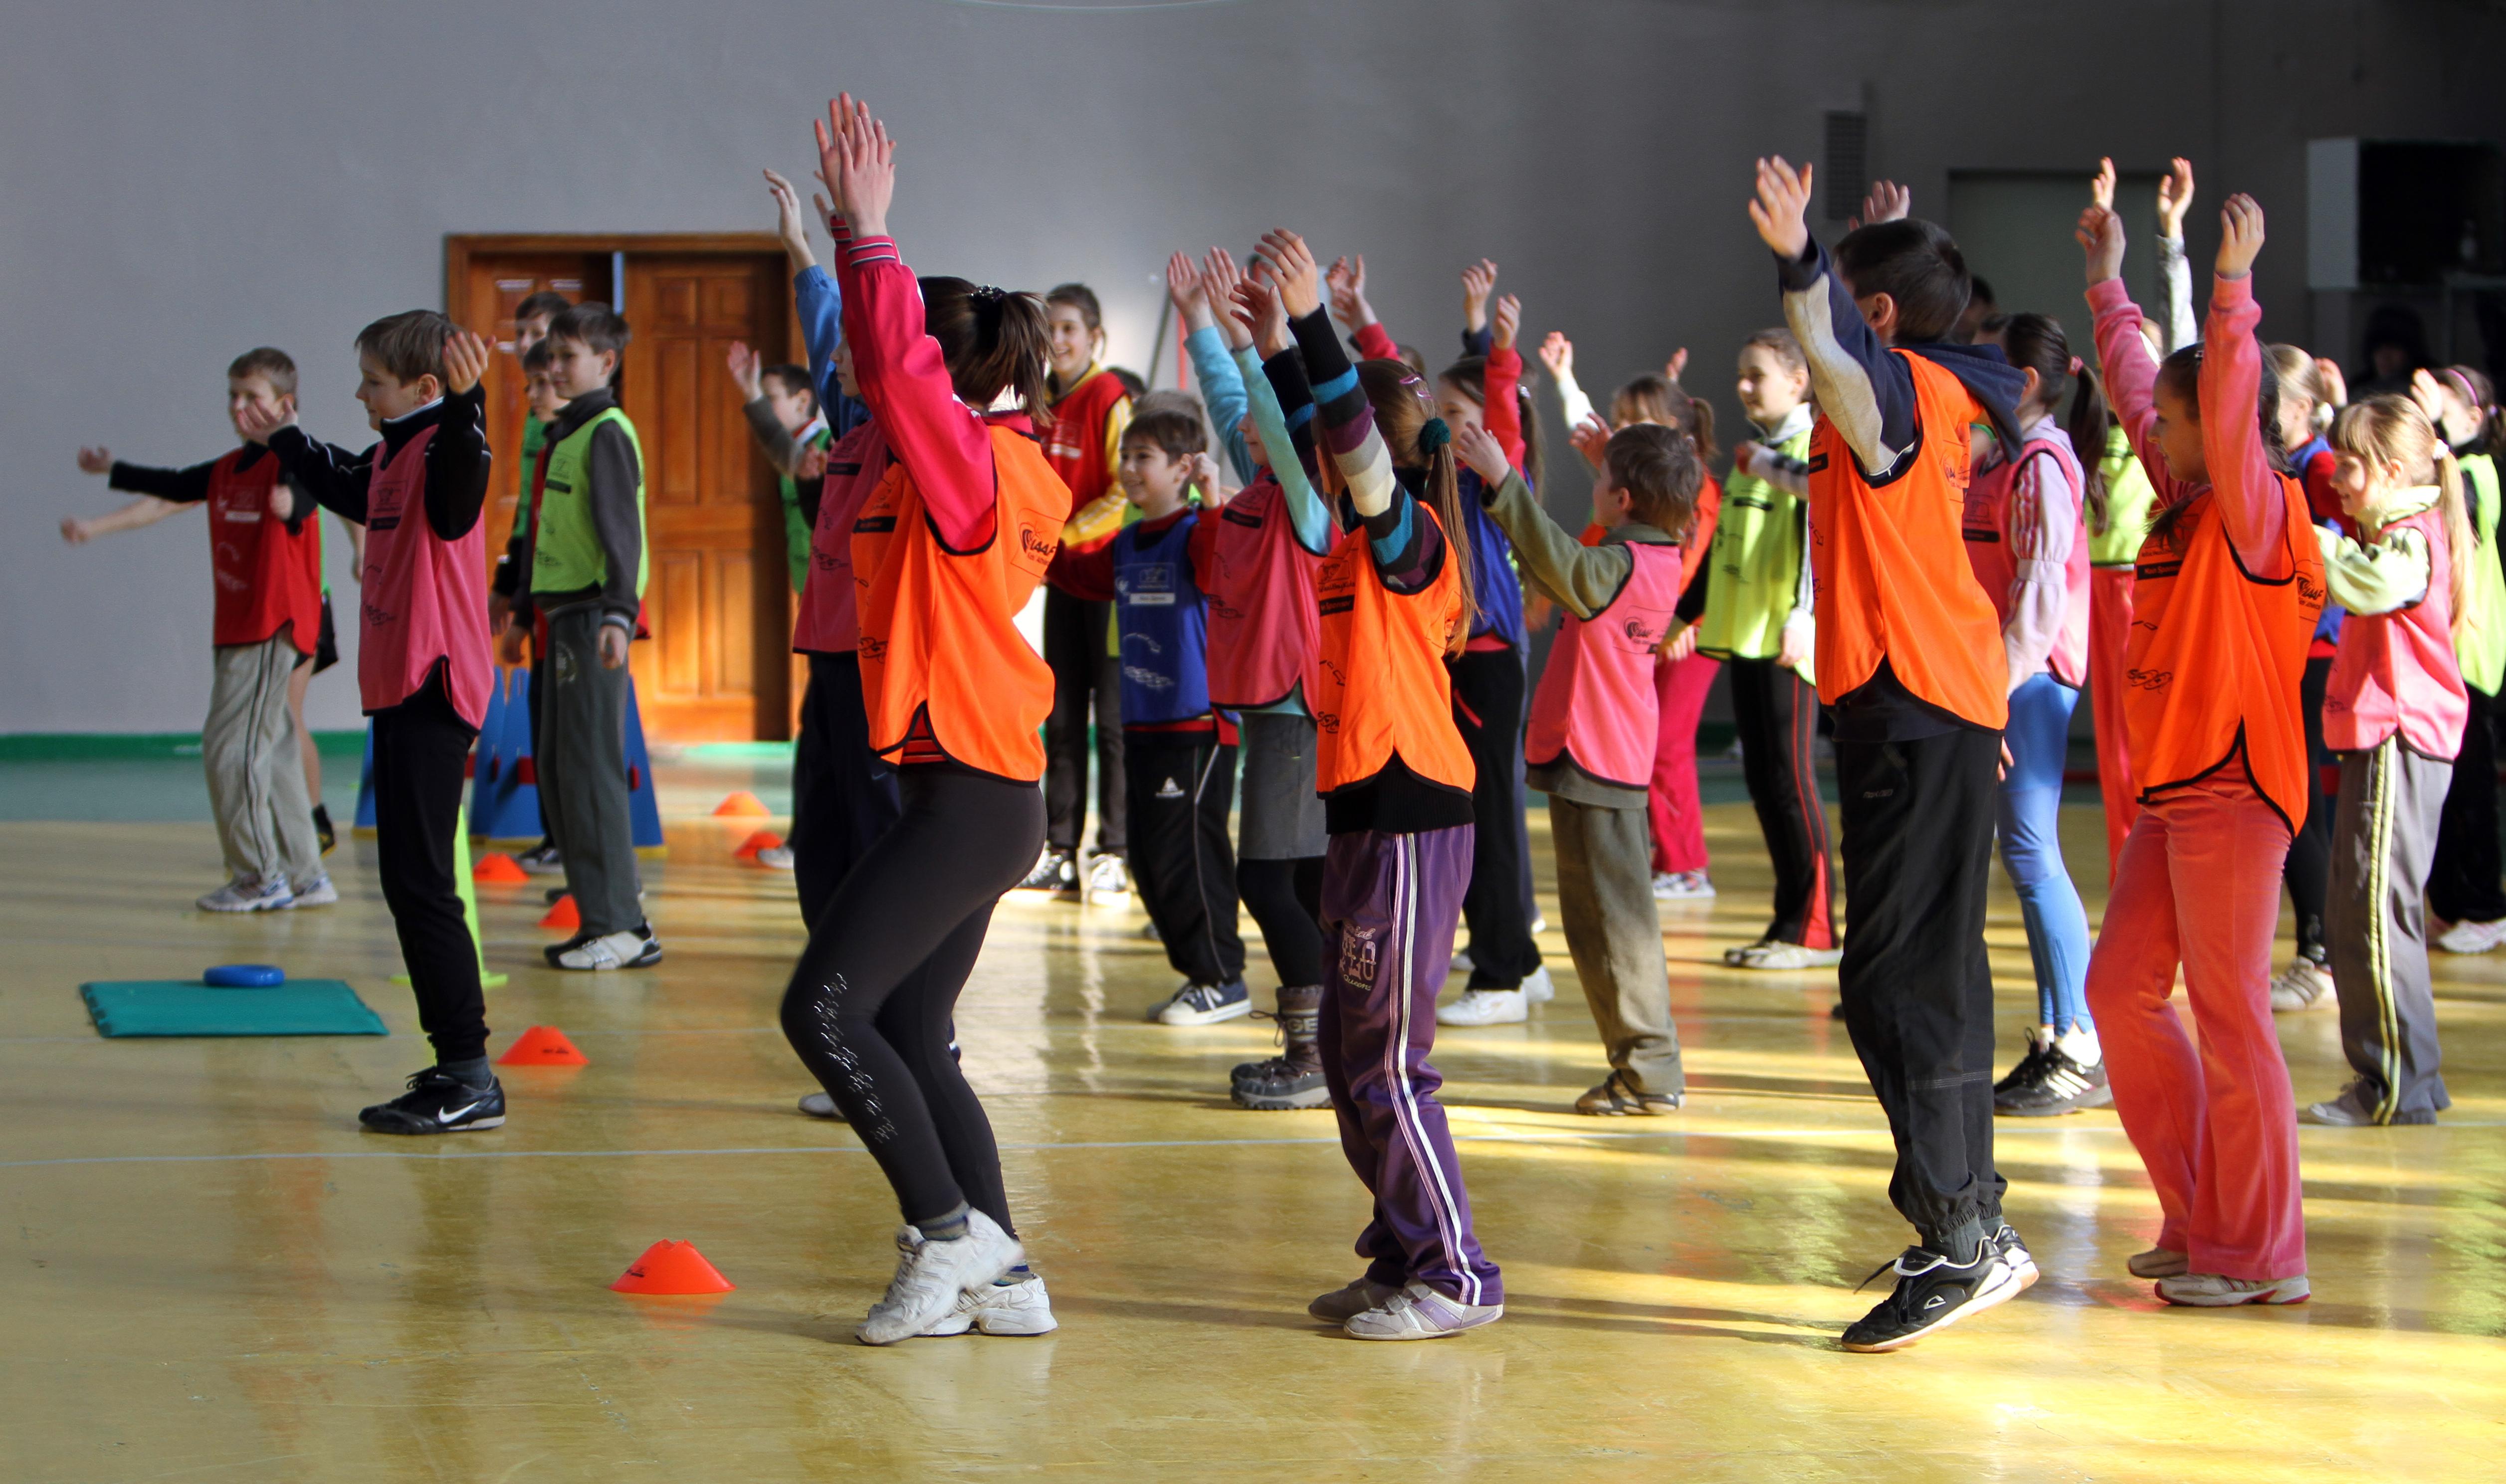 För kvinnor kan lågt betyg i gymnastik leda till ökad risk för muskelsmärtor. Foto: Denis Kuvaev / Shutterstock.com